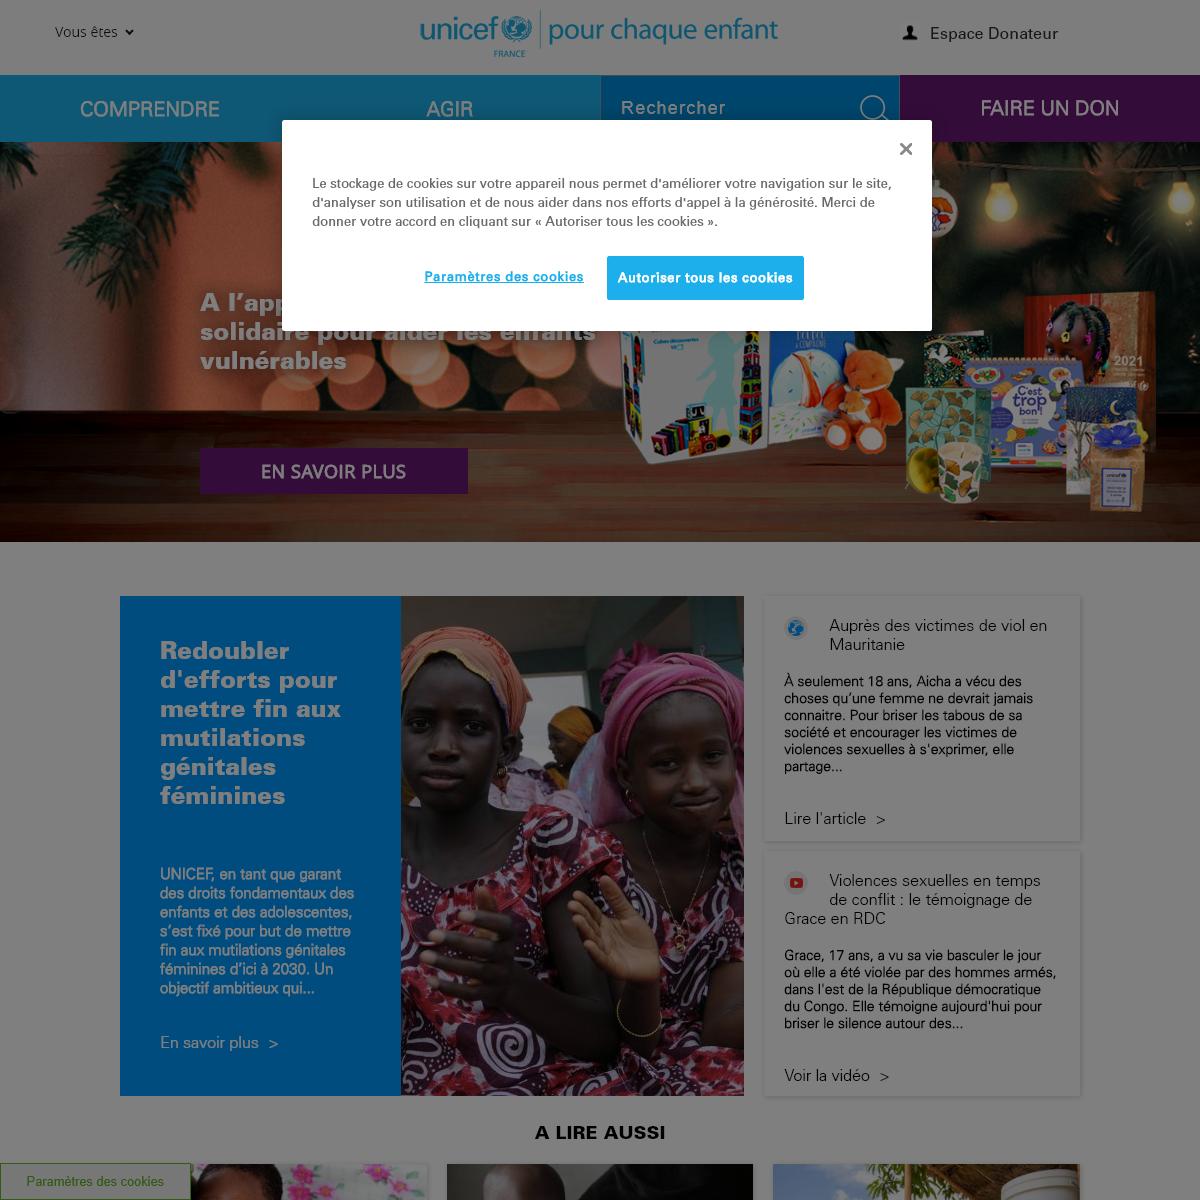 UNICEF France - Droits des enfants dans le monde